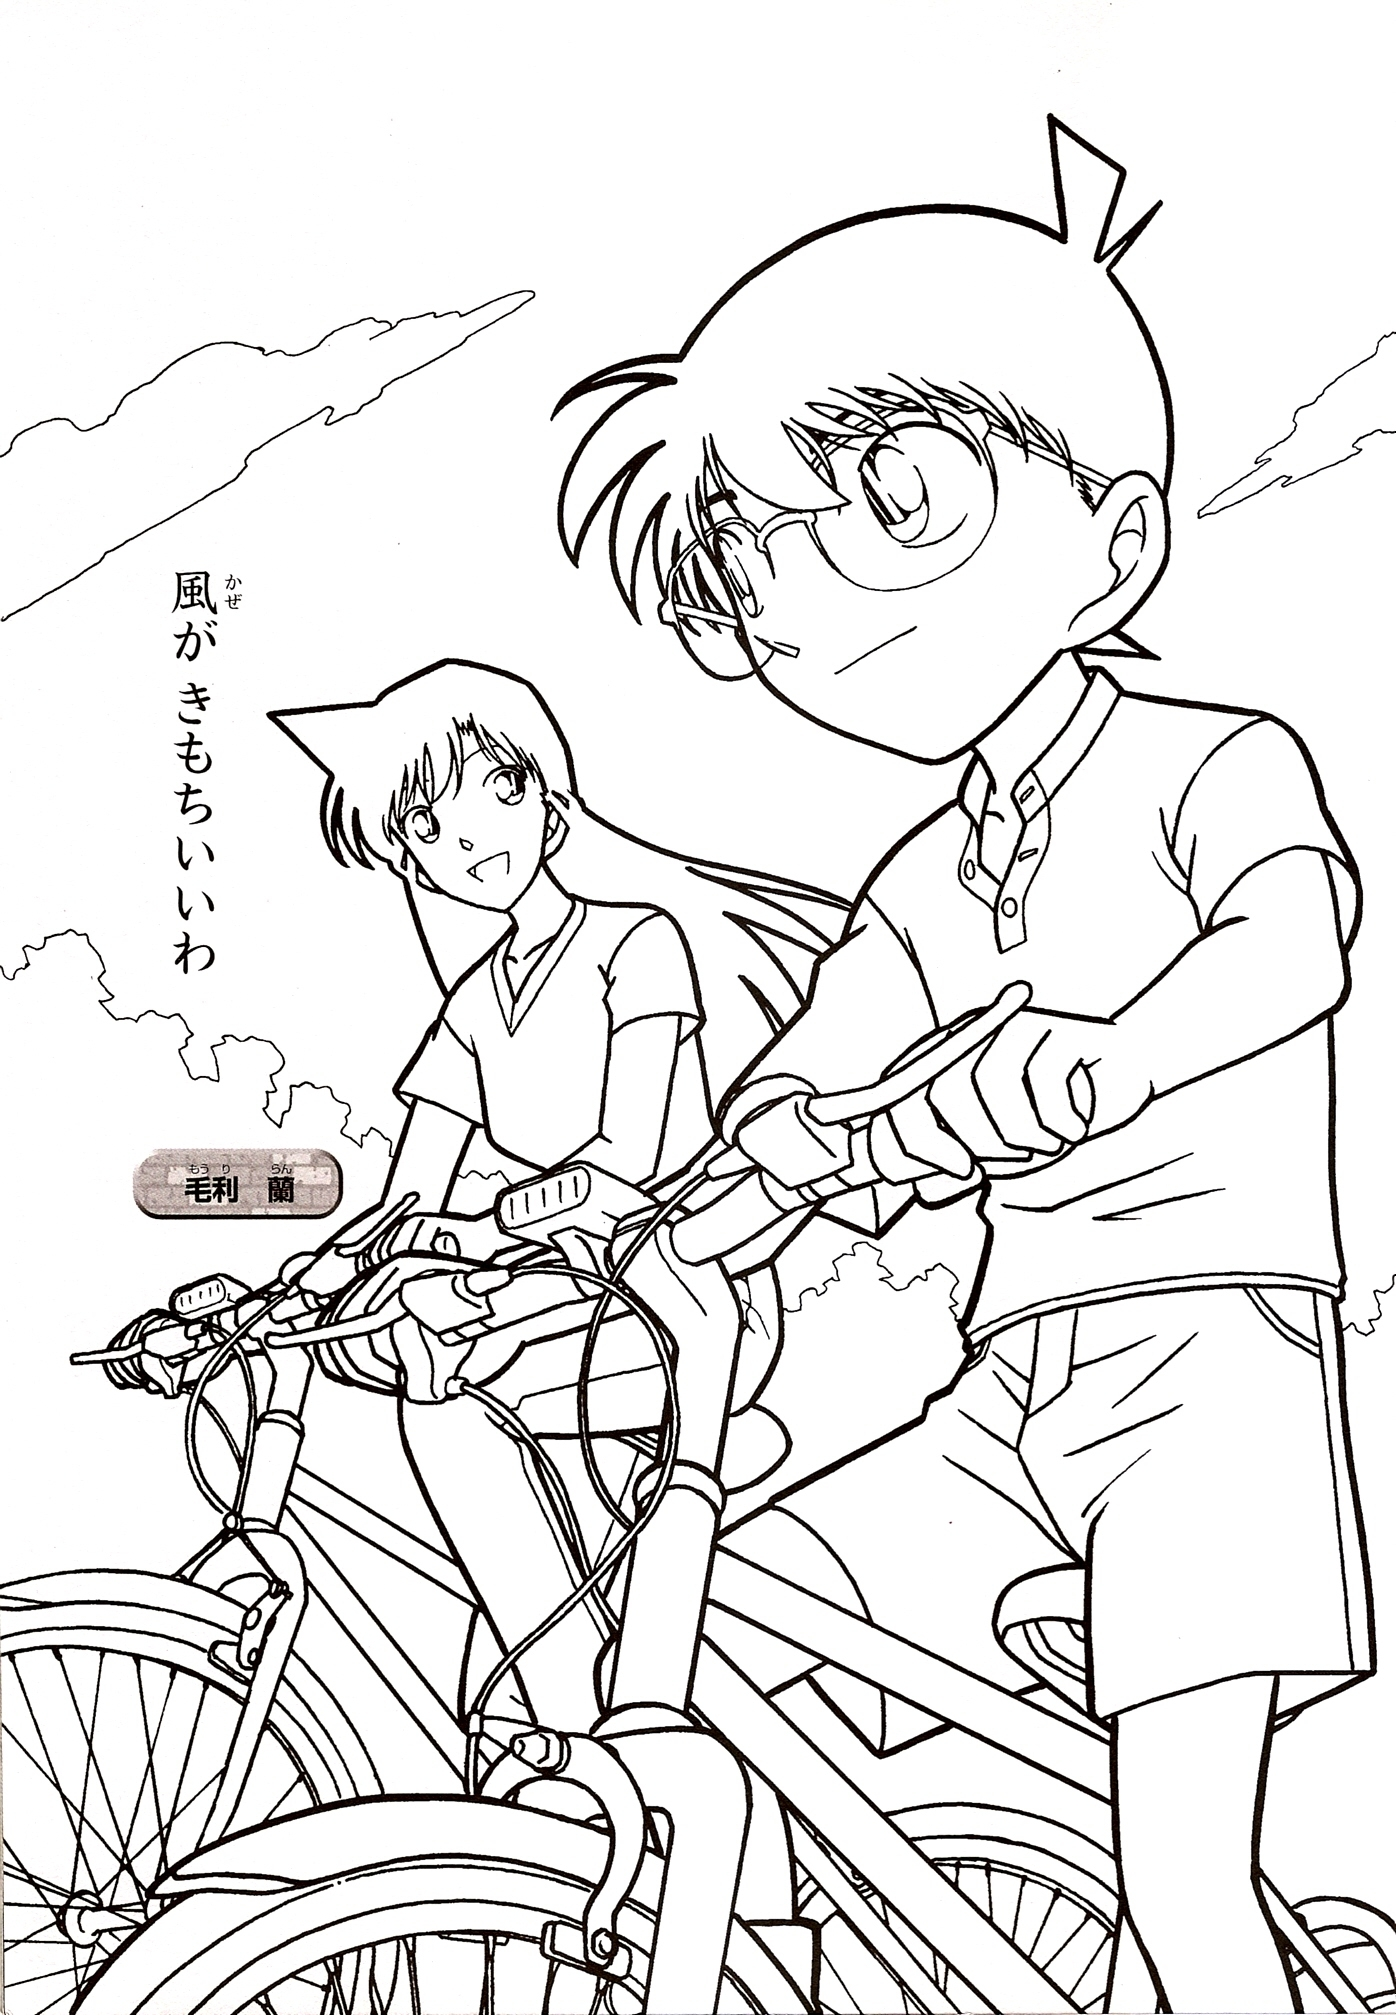 Conan coloring #9, Download drawings